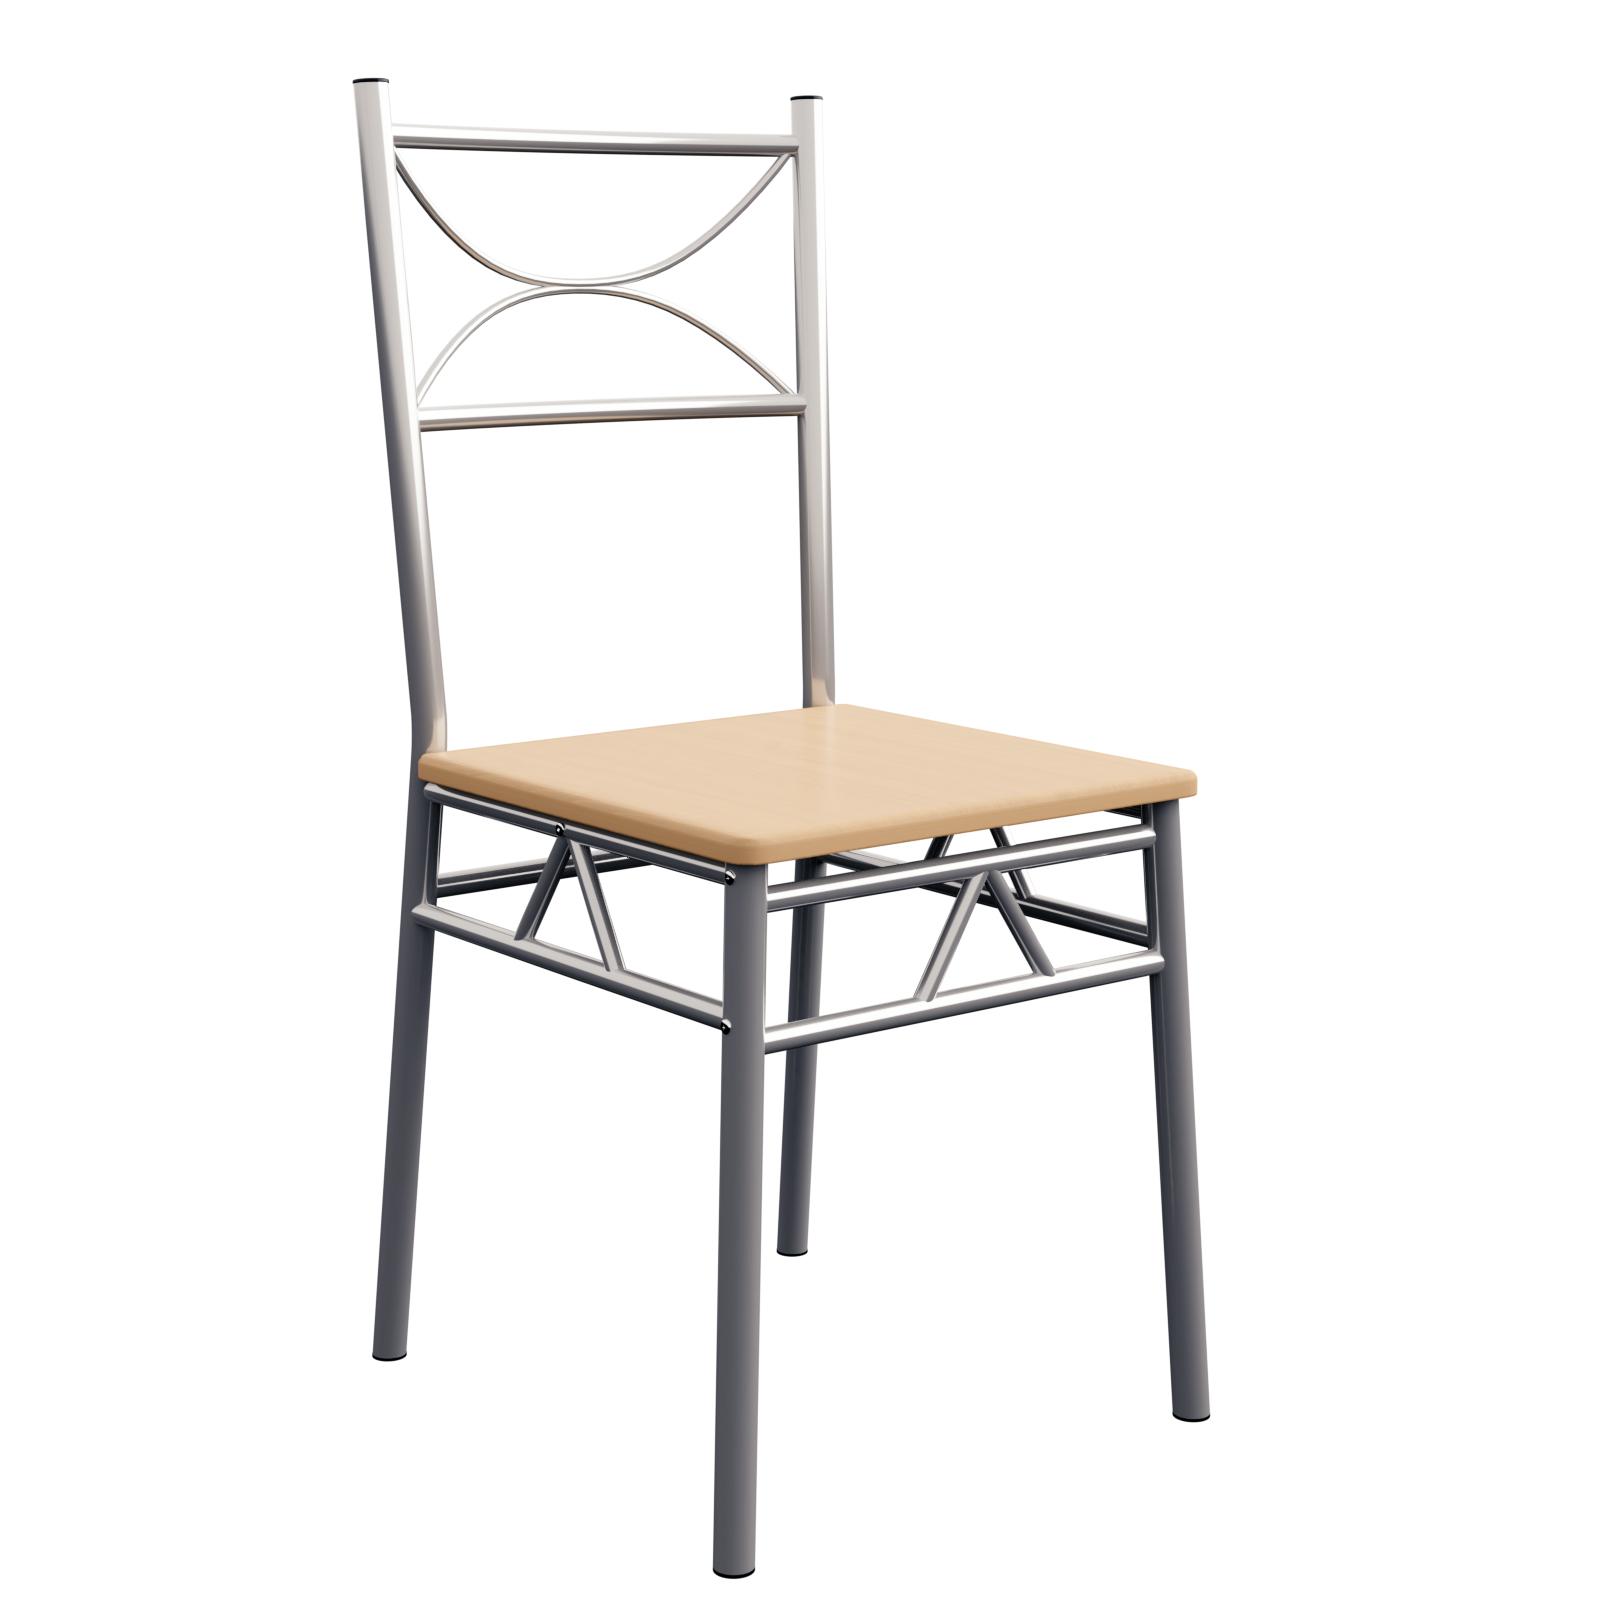 essgruppe esstisch k chentisch mit 4 st hlen sitzgruppe esszimmer tisch 5tlg set ebay. Black Bedroom Furniture Sets. Home Design Ideas